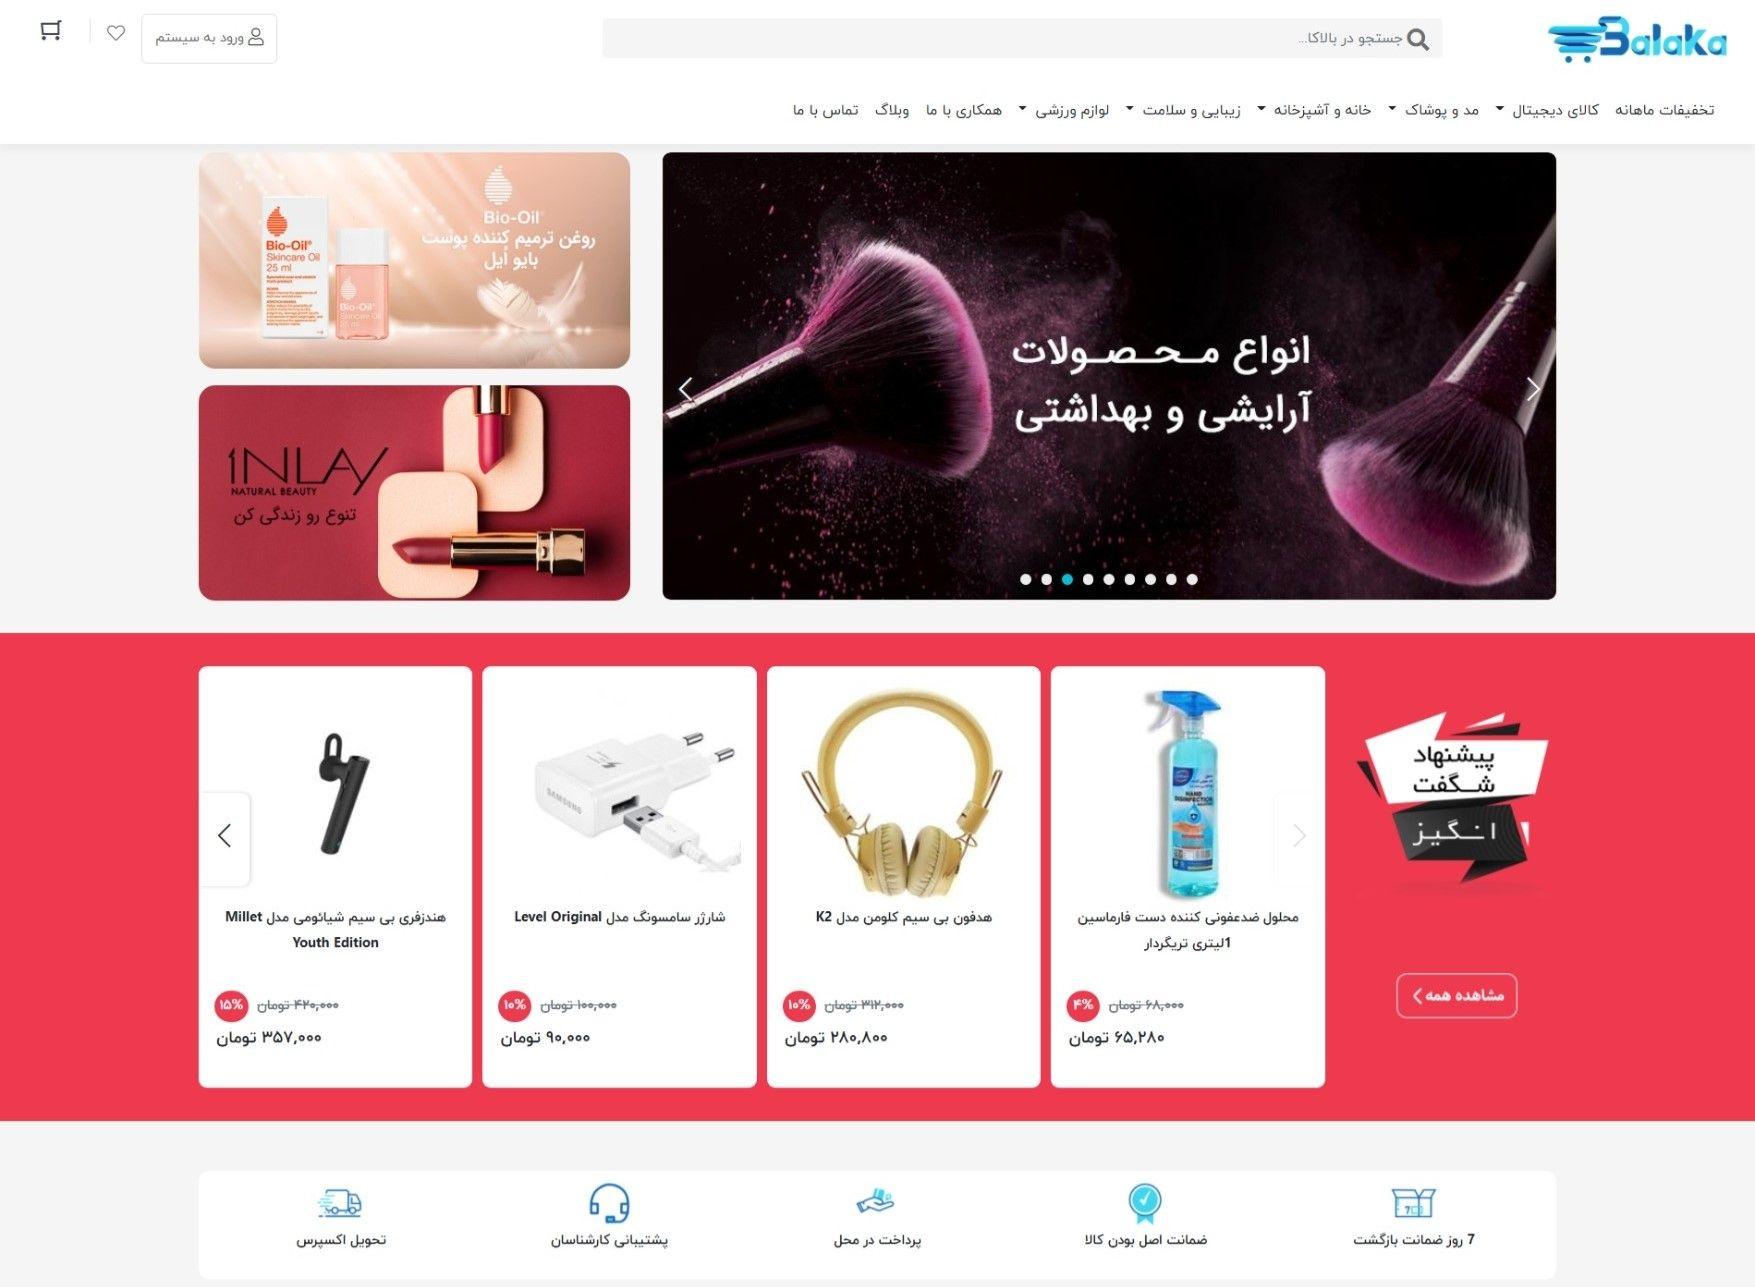 فروشگاه اینترنتی استان گیلان